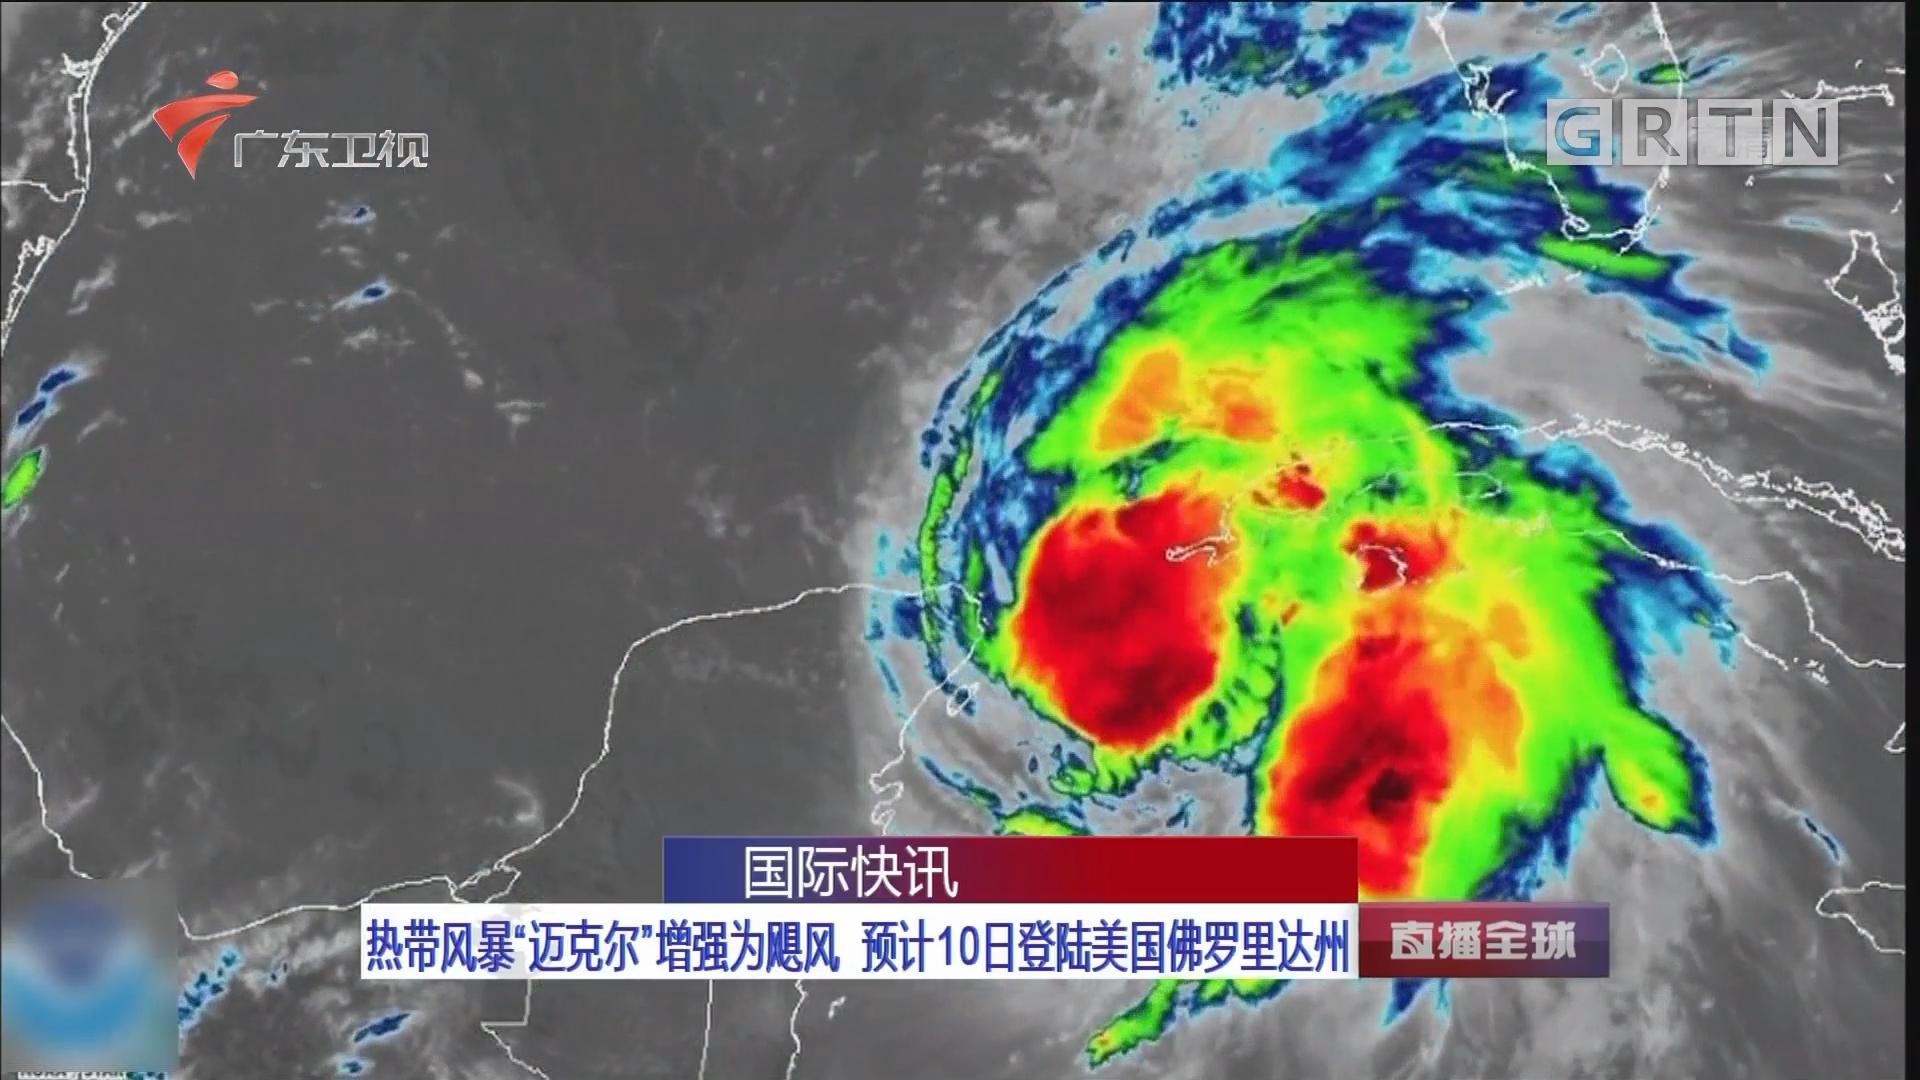 """热带风暴""""迈克尔""""增强为飓风 预计10日登陆美国佛罗里达州"""